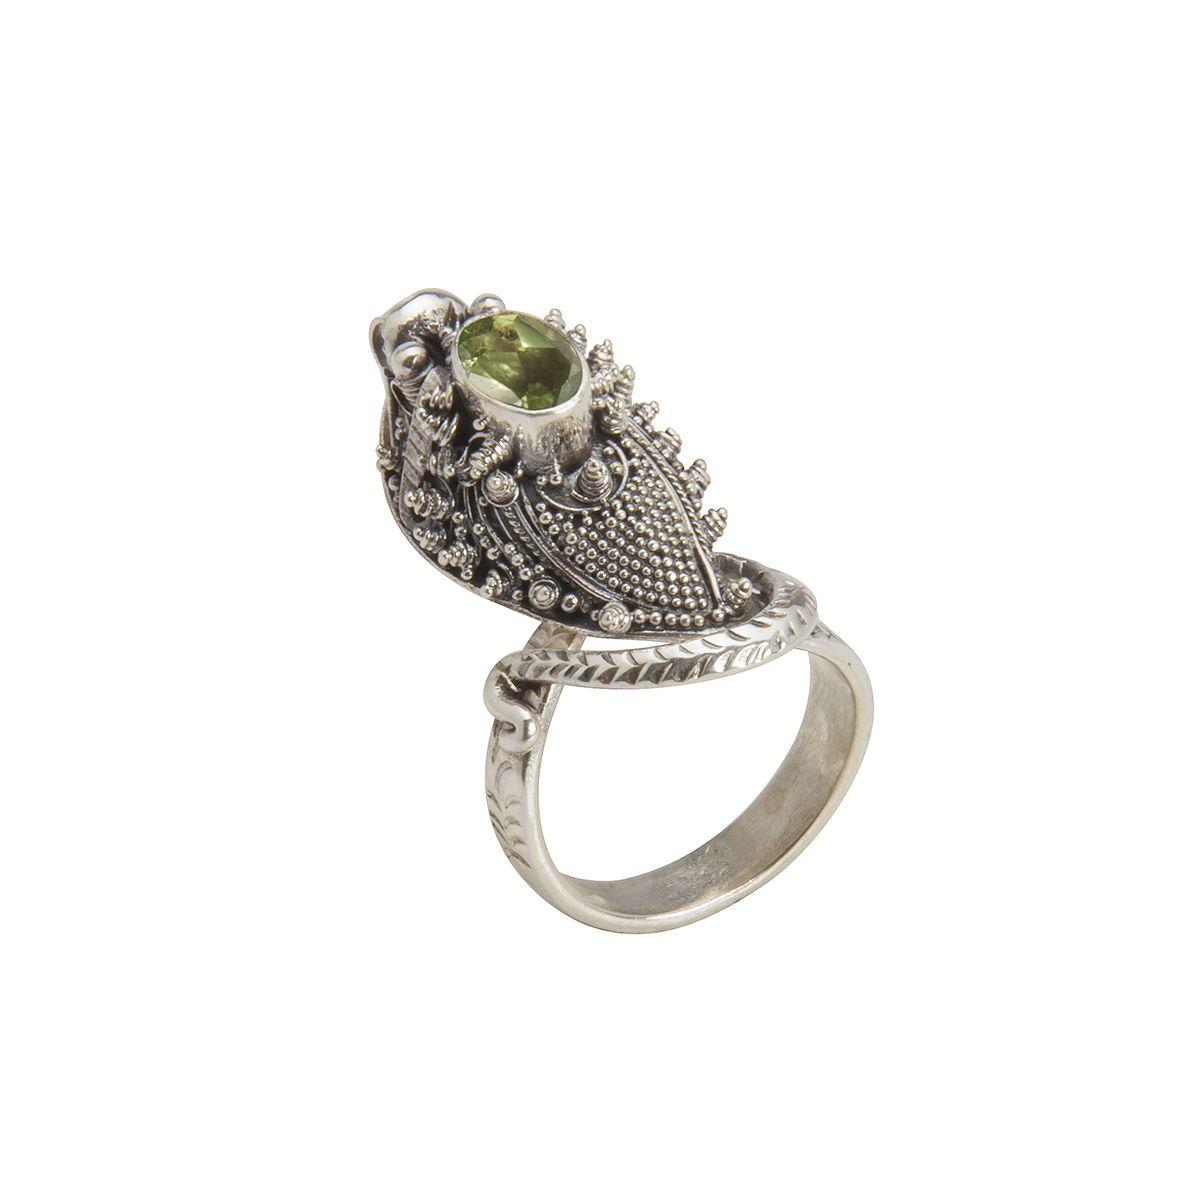 anillo de plata serpiente con peridoto lateral shadisilver.jpg